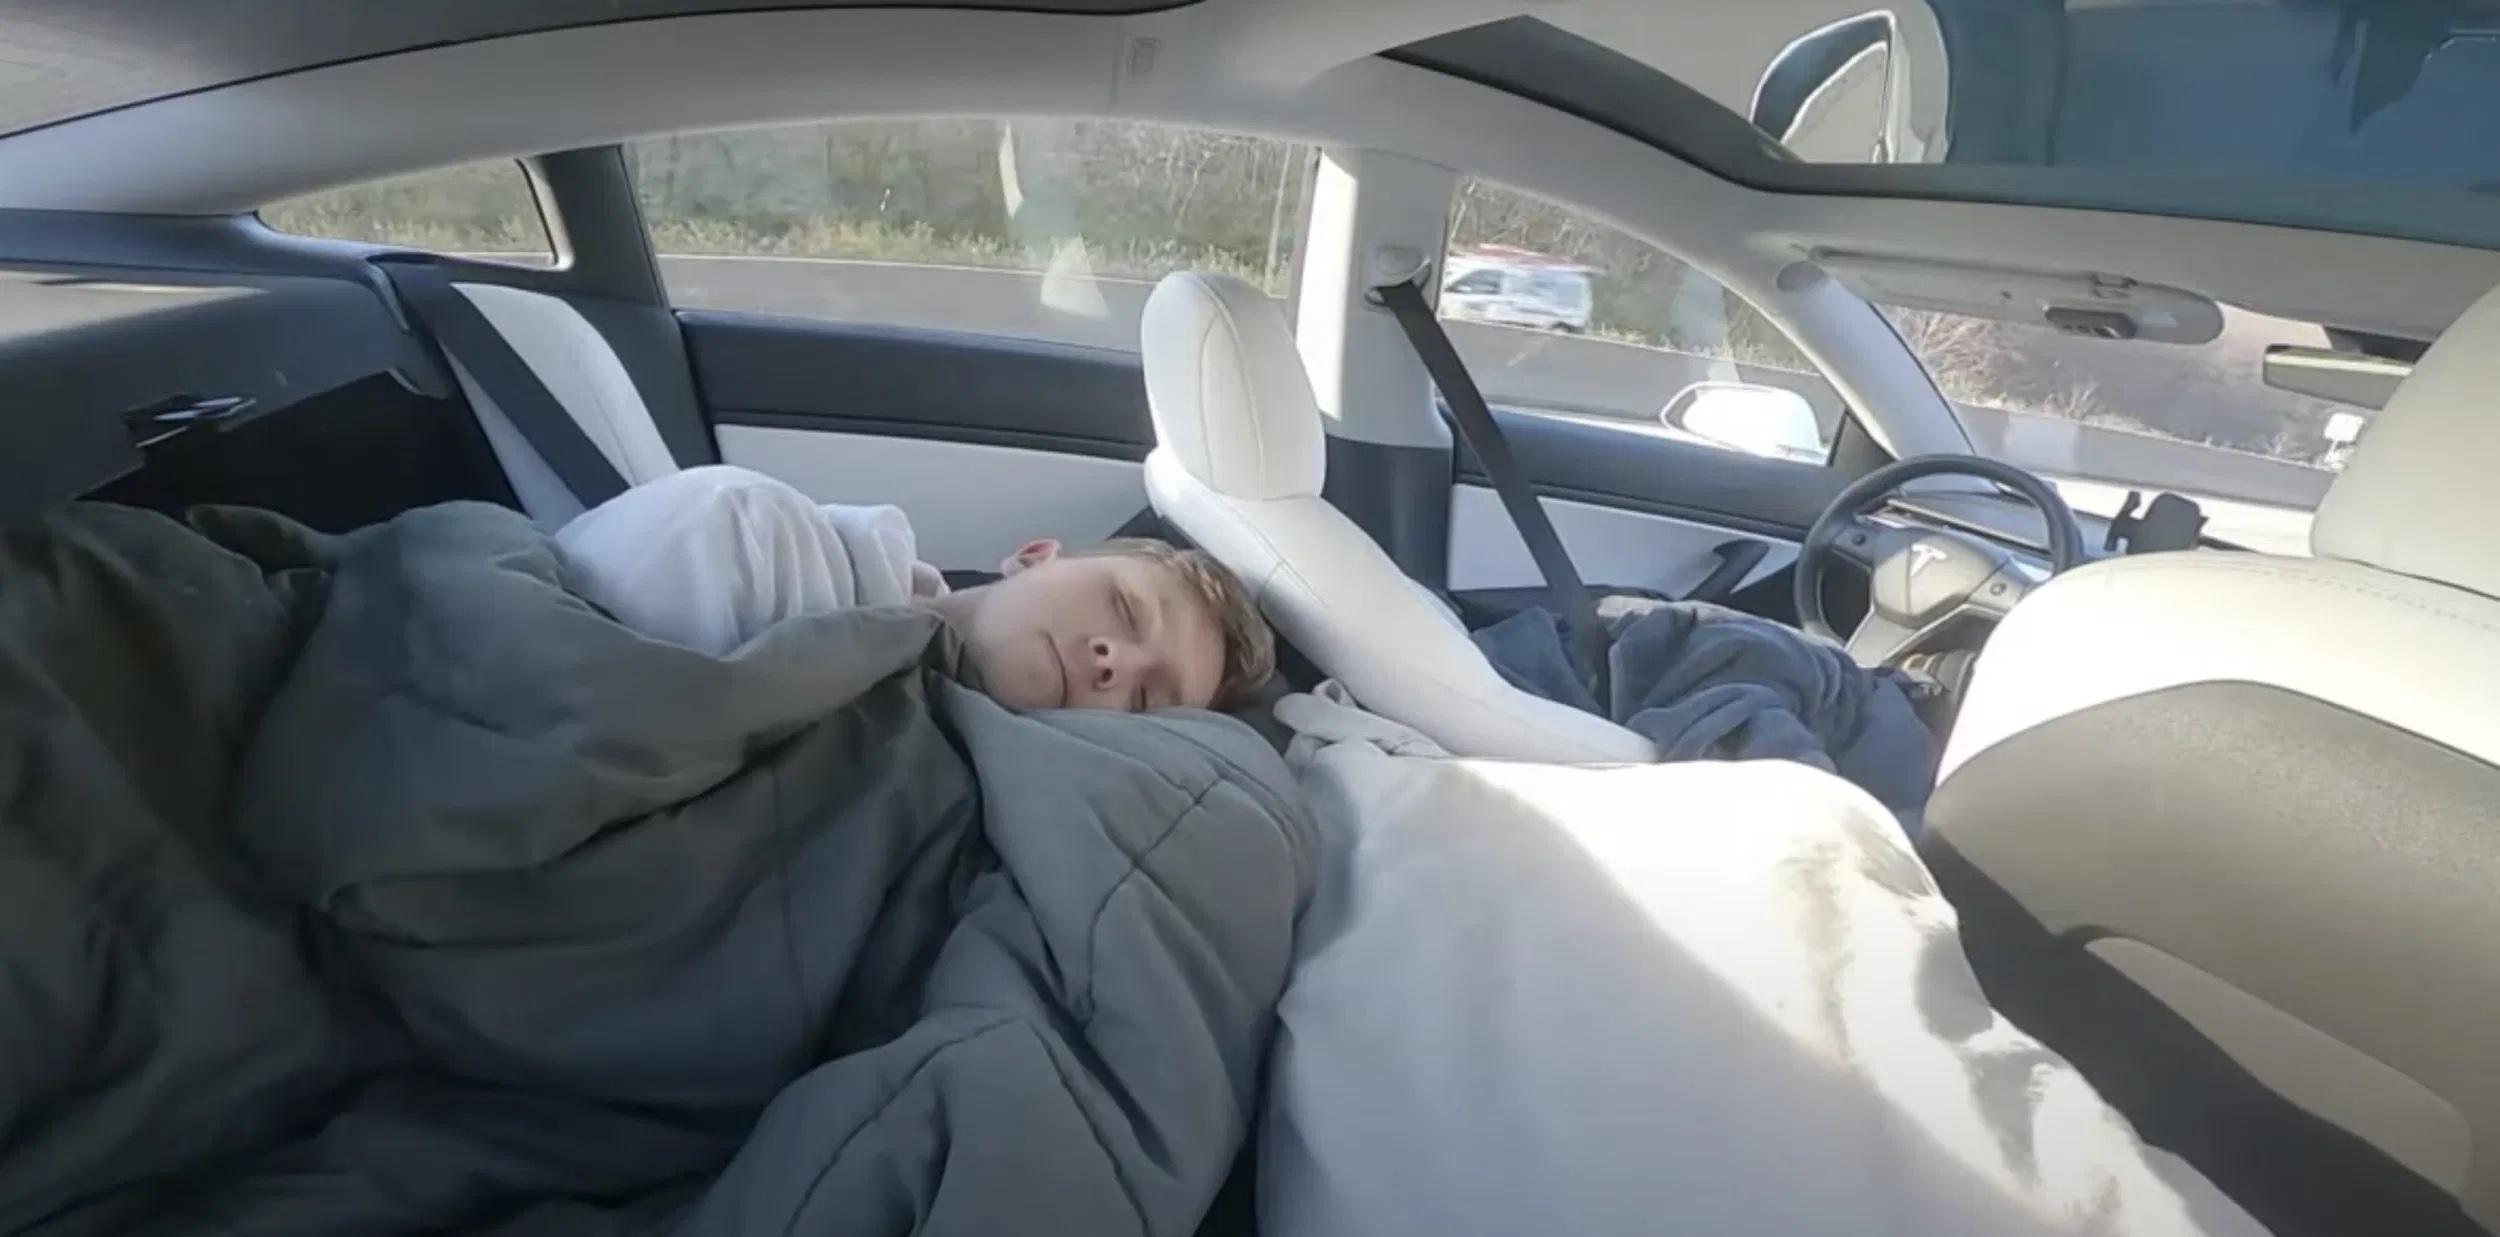 Tesla TikTok stjerne sover på bagsædet